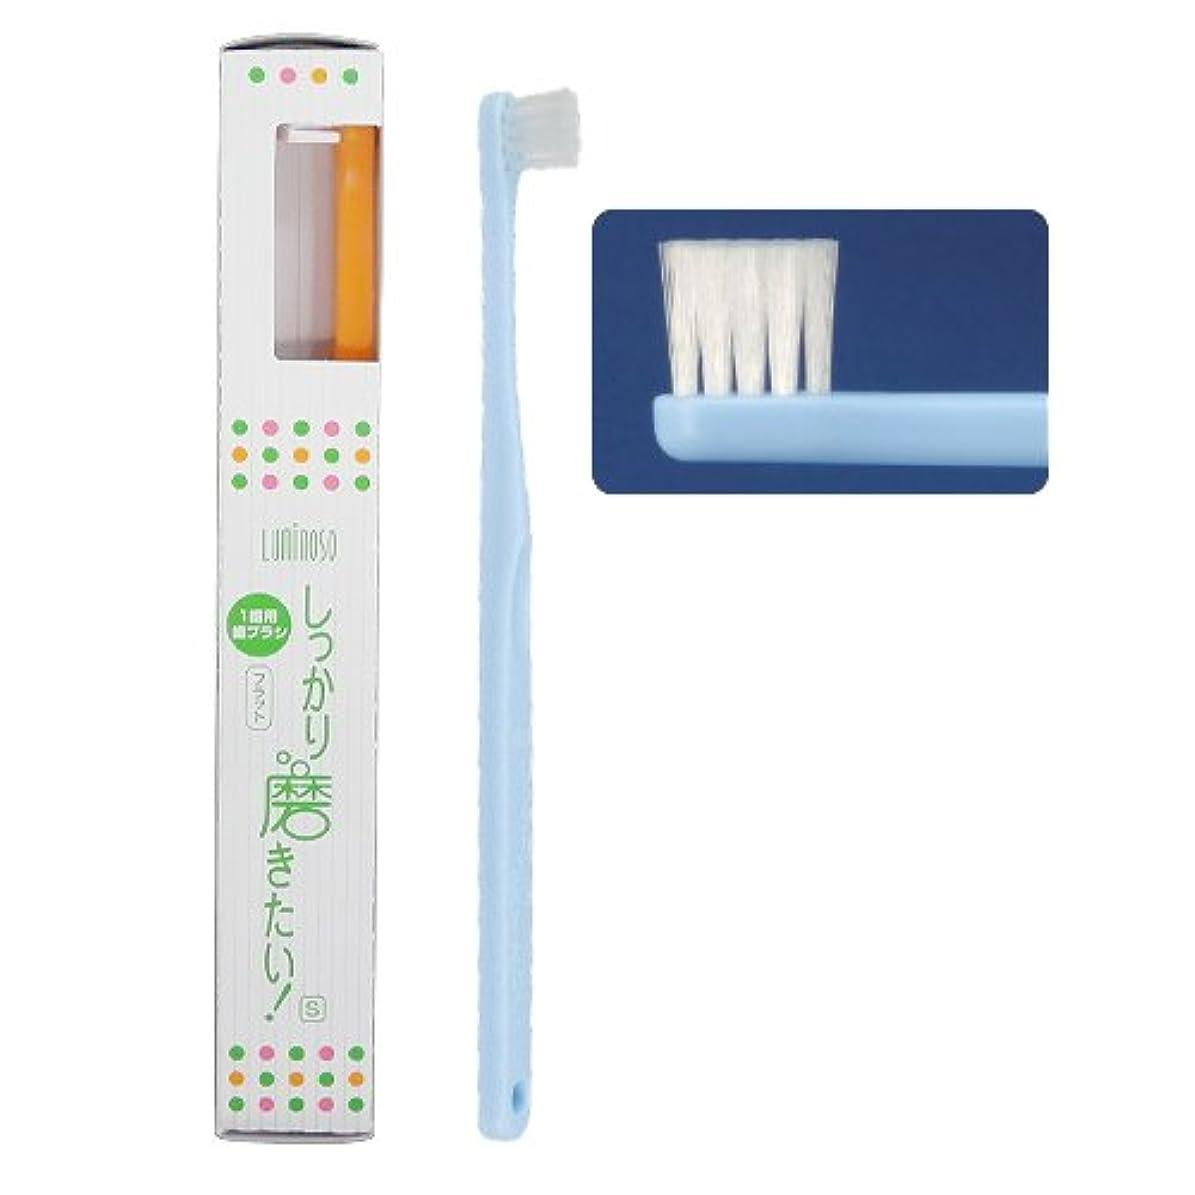 蜂かわす累計ルミノソ 1歯用歯ブラシ 「しっかり磨きたい!」 フラット/ソフト